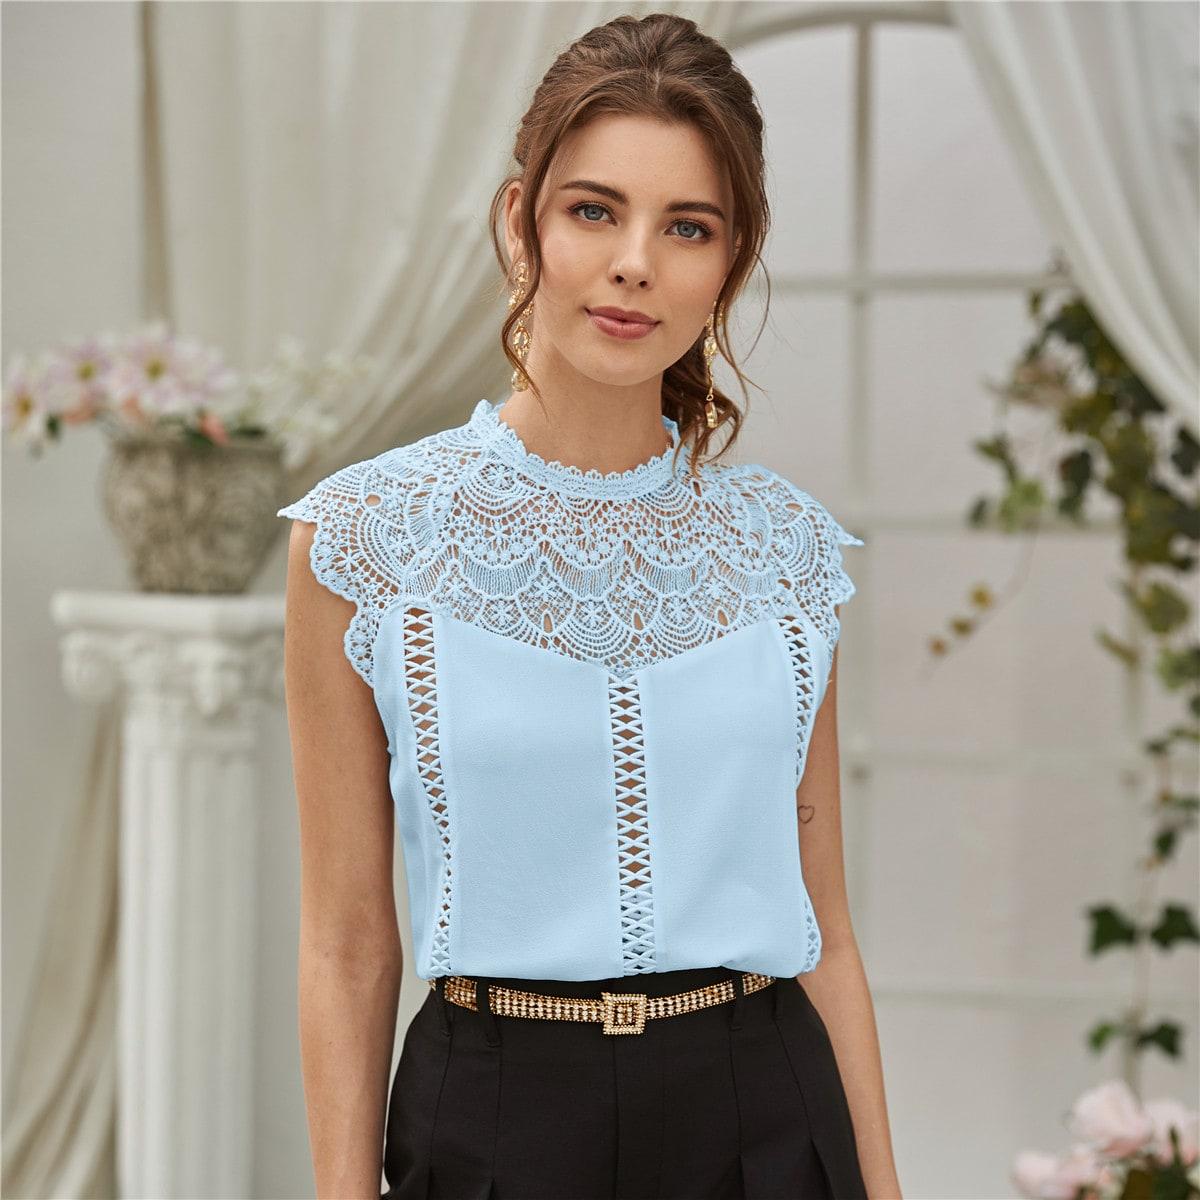 Блузка с застежкой сзади и кружевом фото